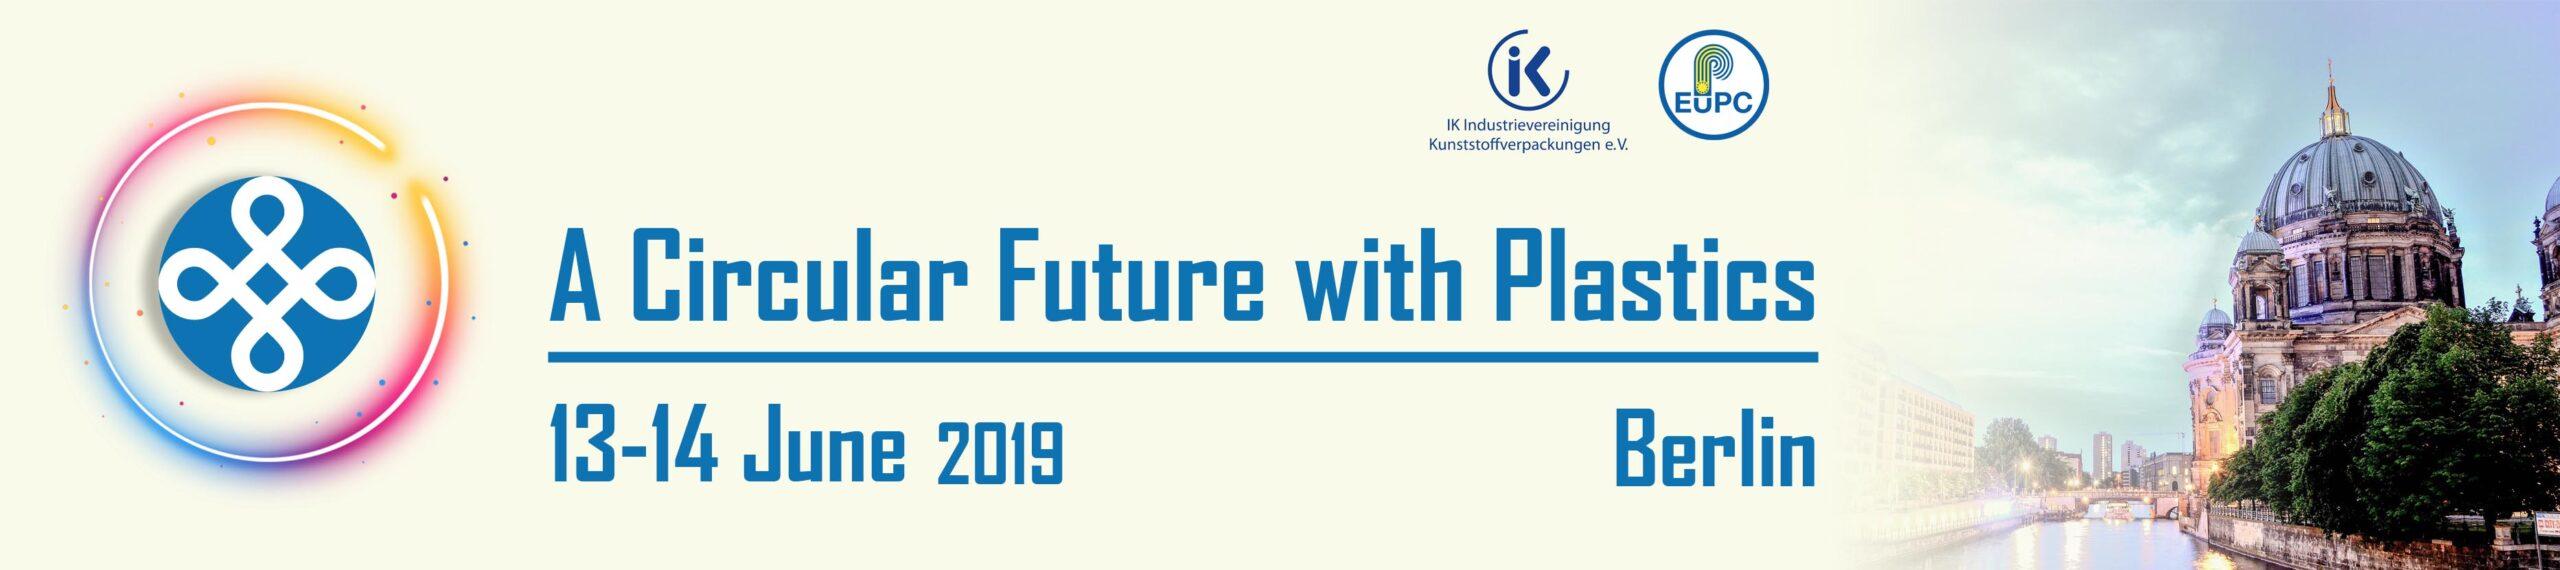 EUPC Future Circular Plastics